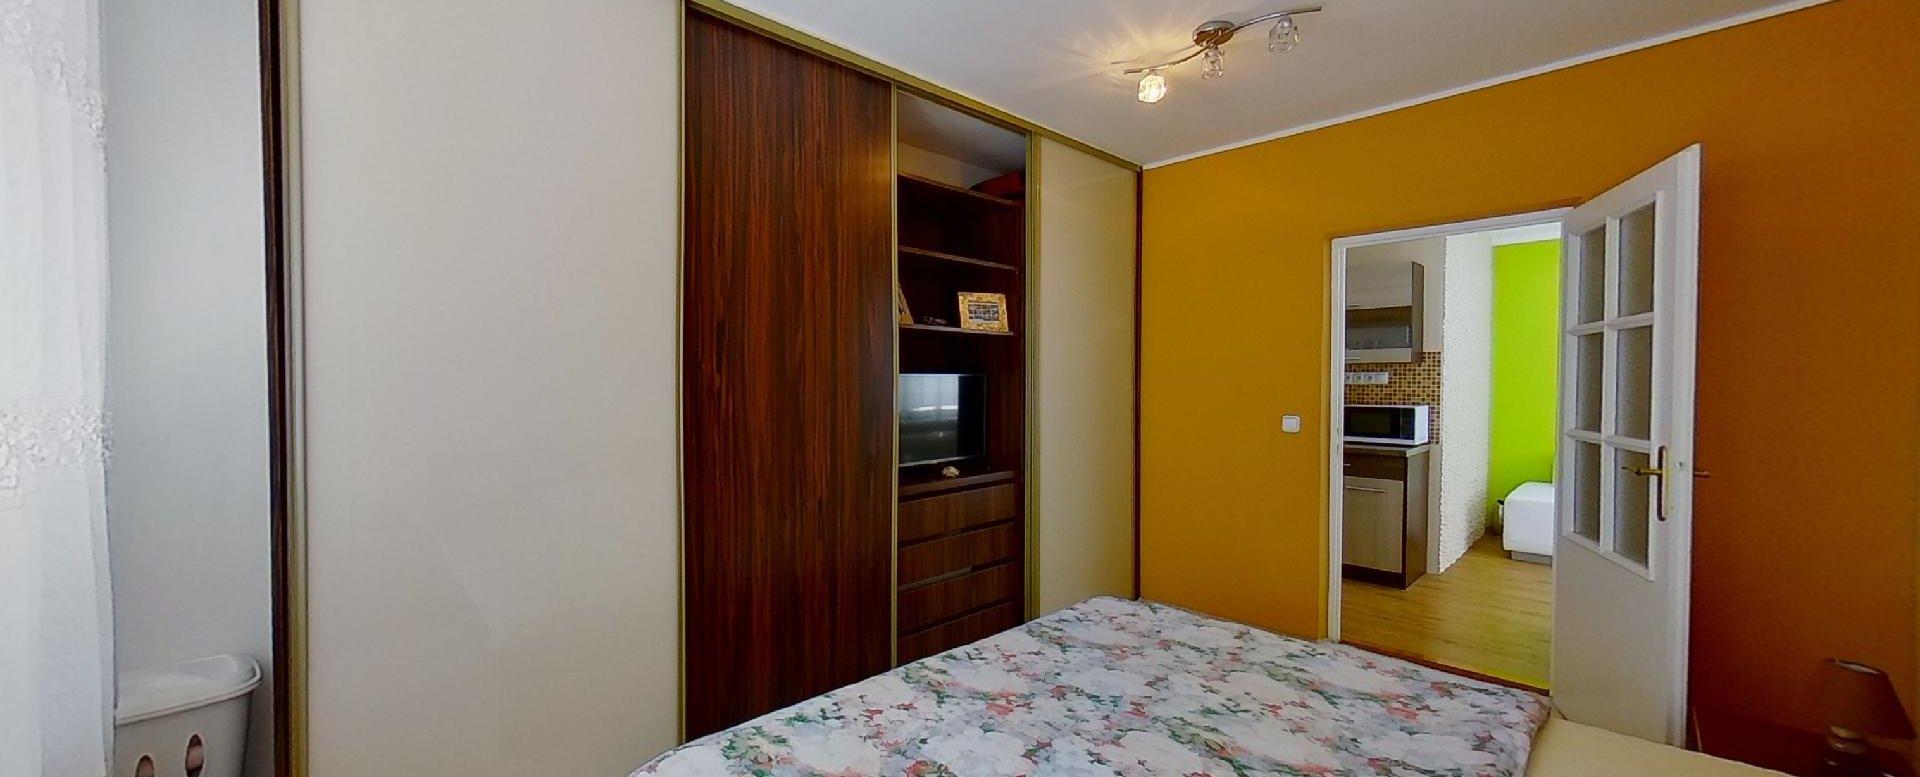 Vstavaná skriňa a manželská posteľ v 2-izbovom byte na Jašíkovej v Čadci